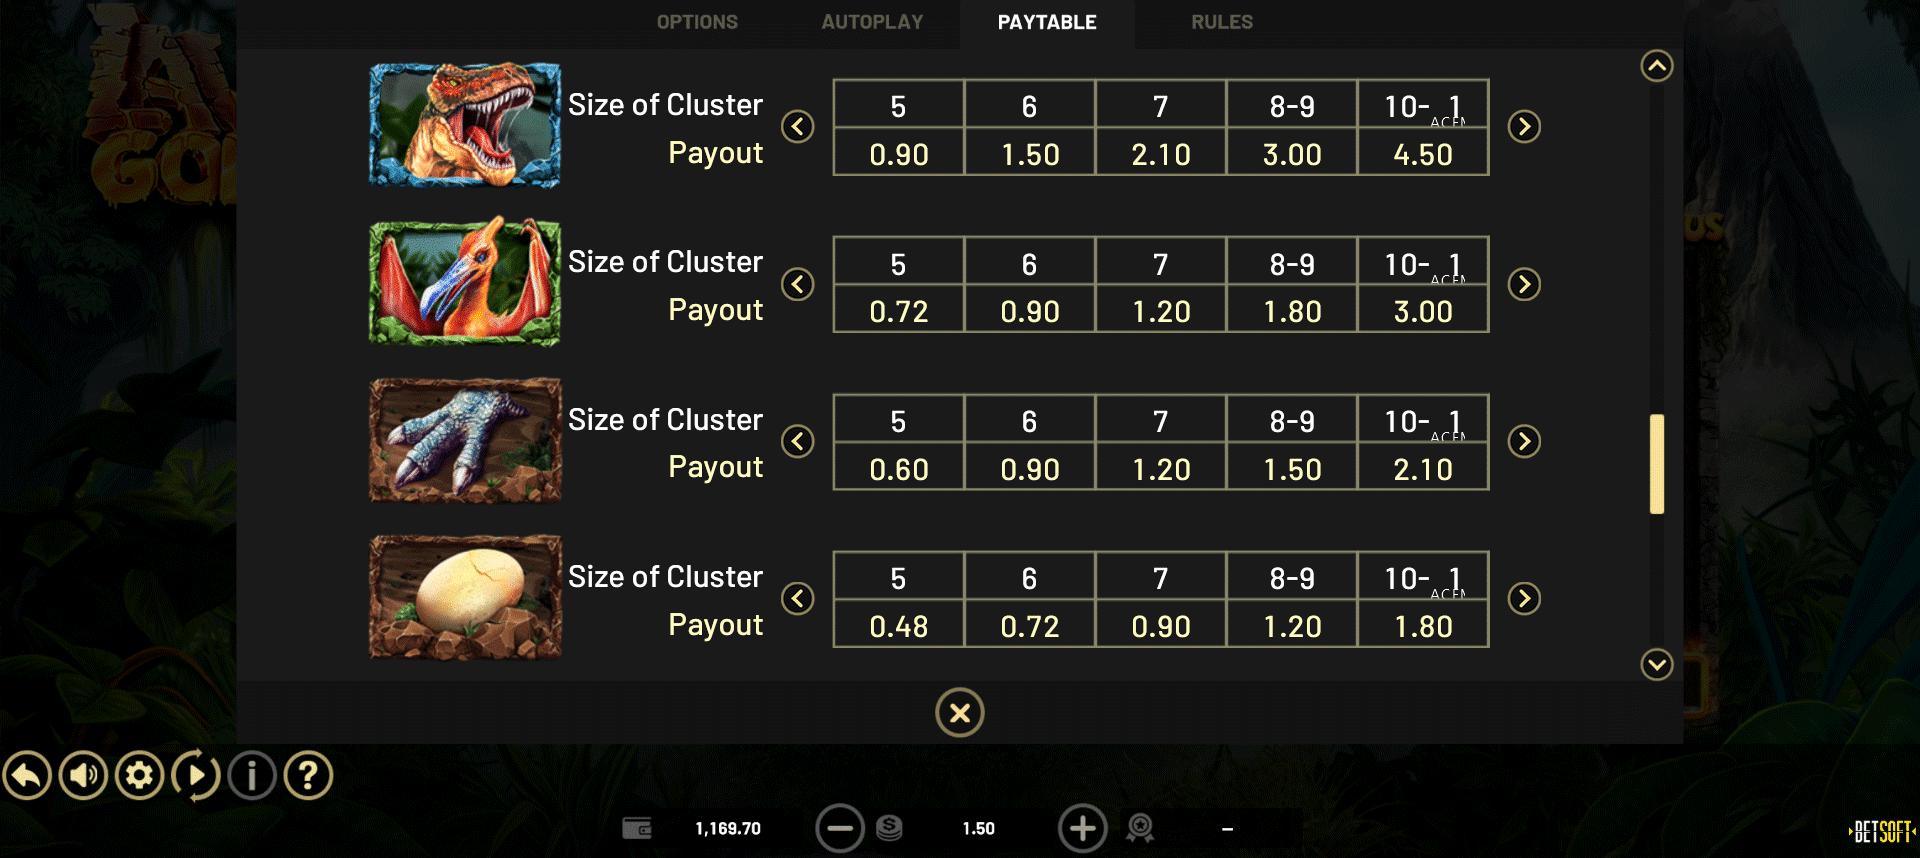 tabella dei pagamenti della slot machine lava gold